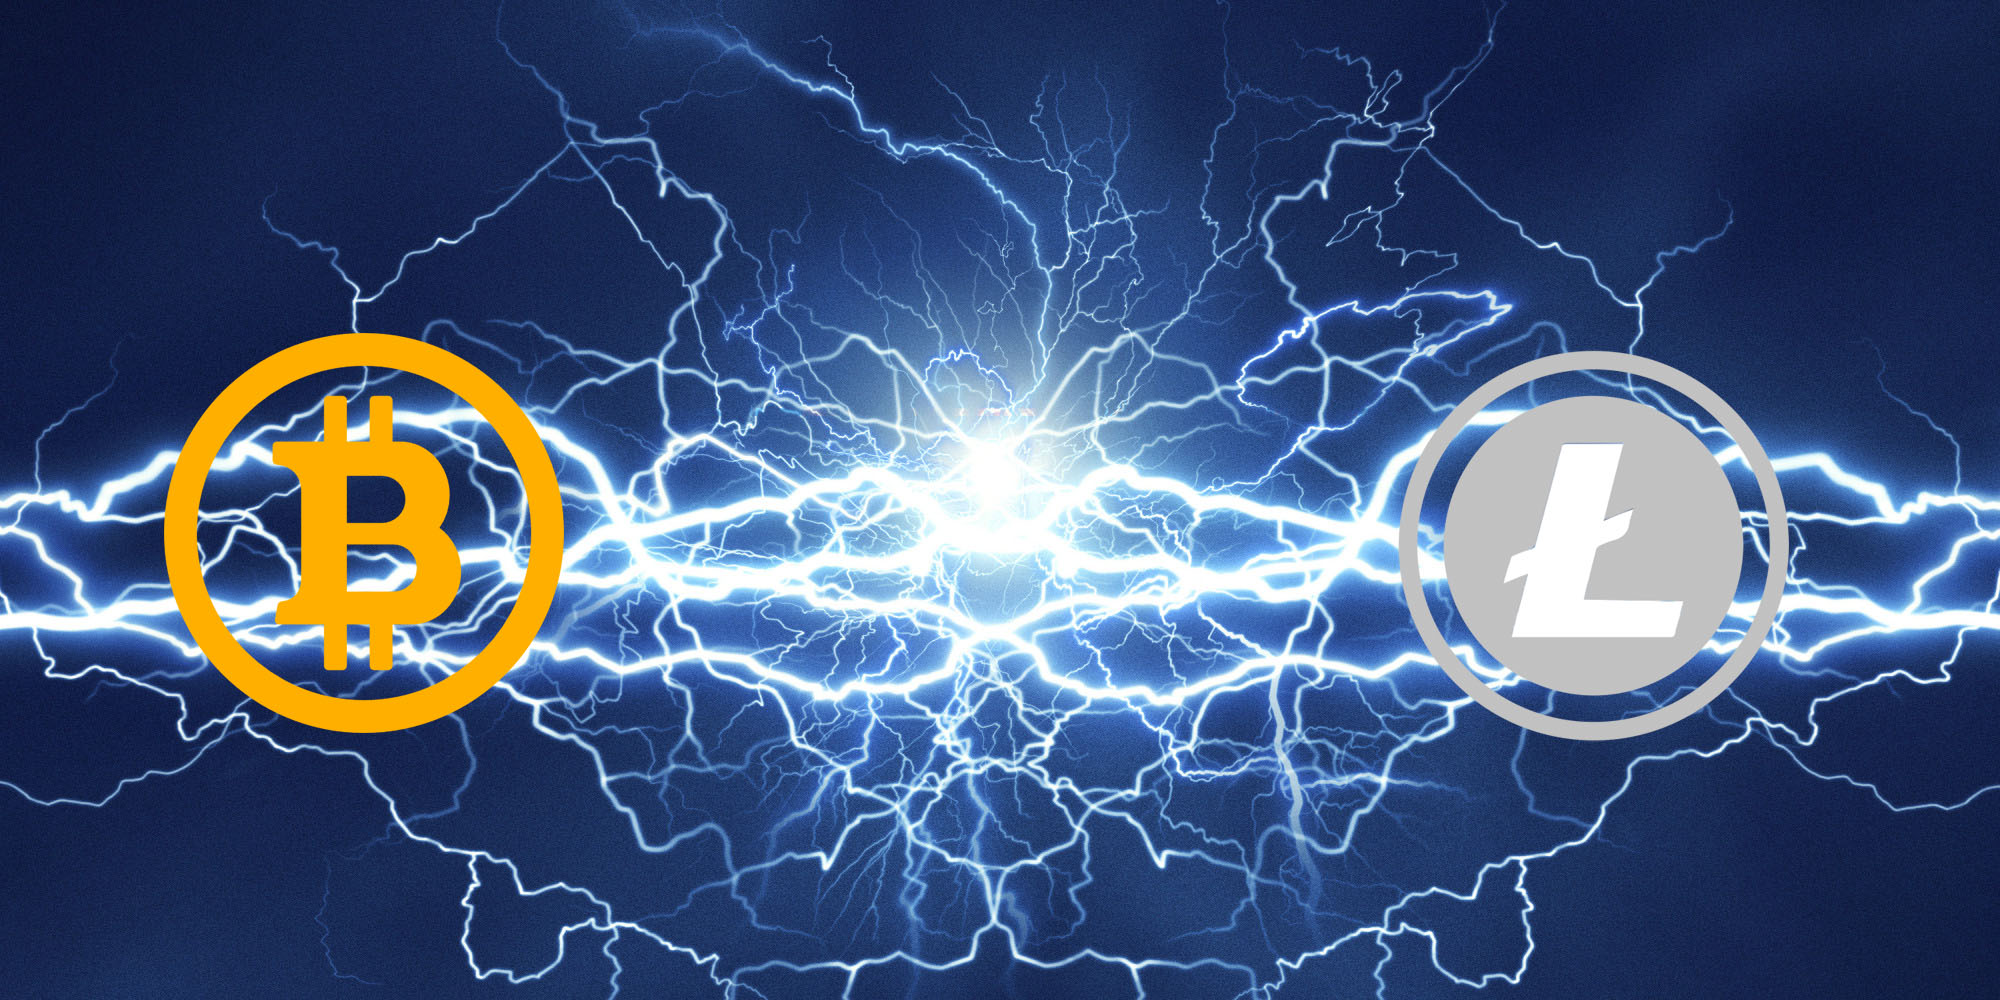 ВGoogle Play появился биткоин-кошелёк споддержкой Lightning Network